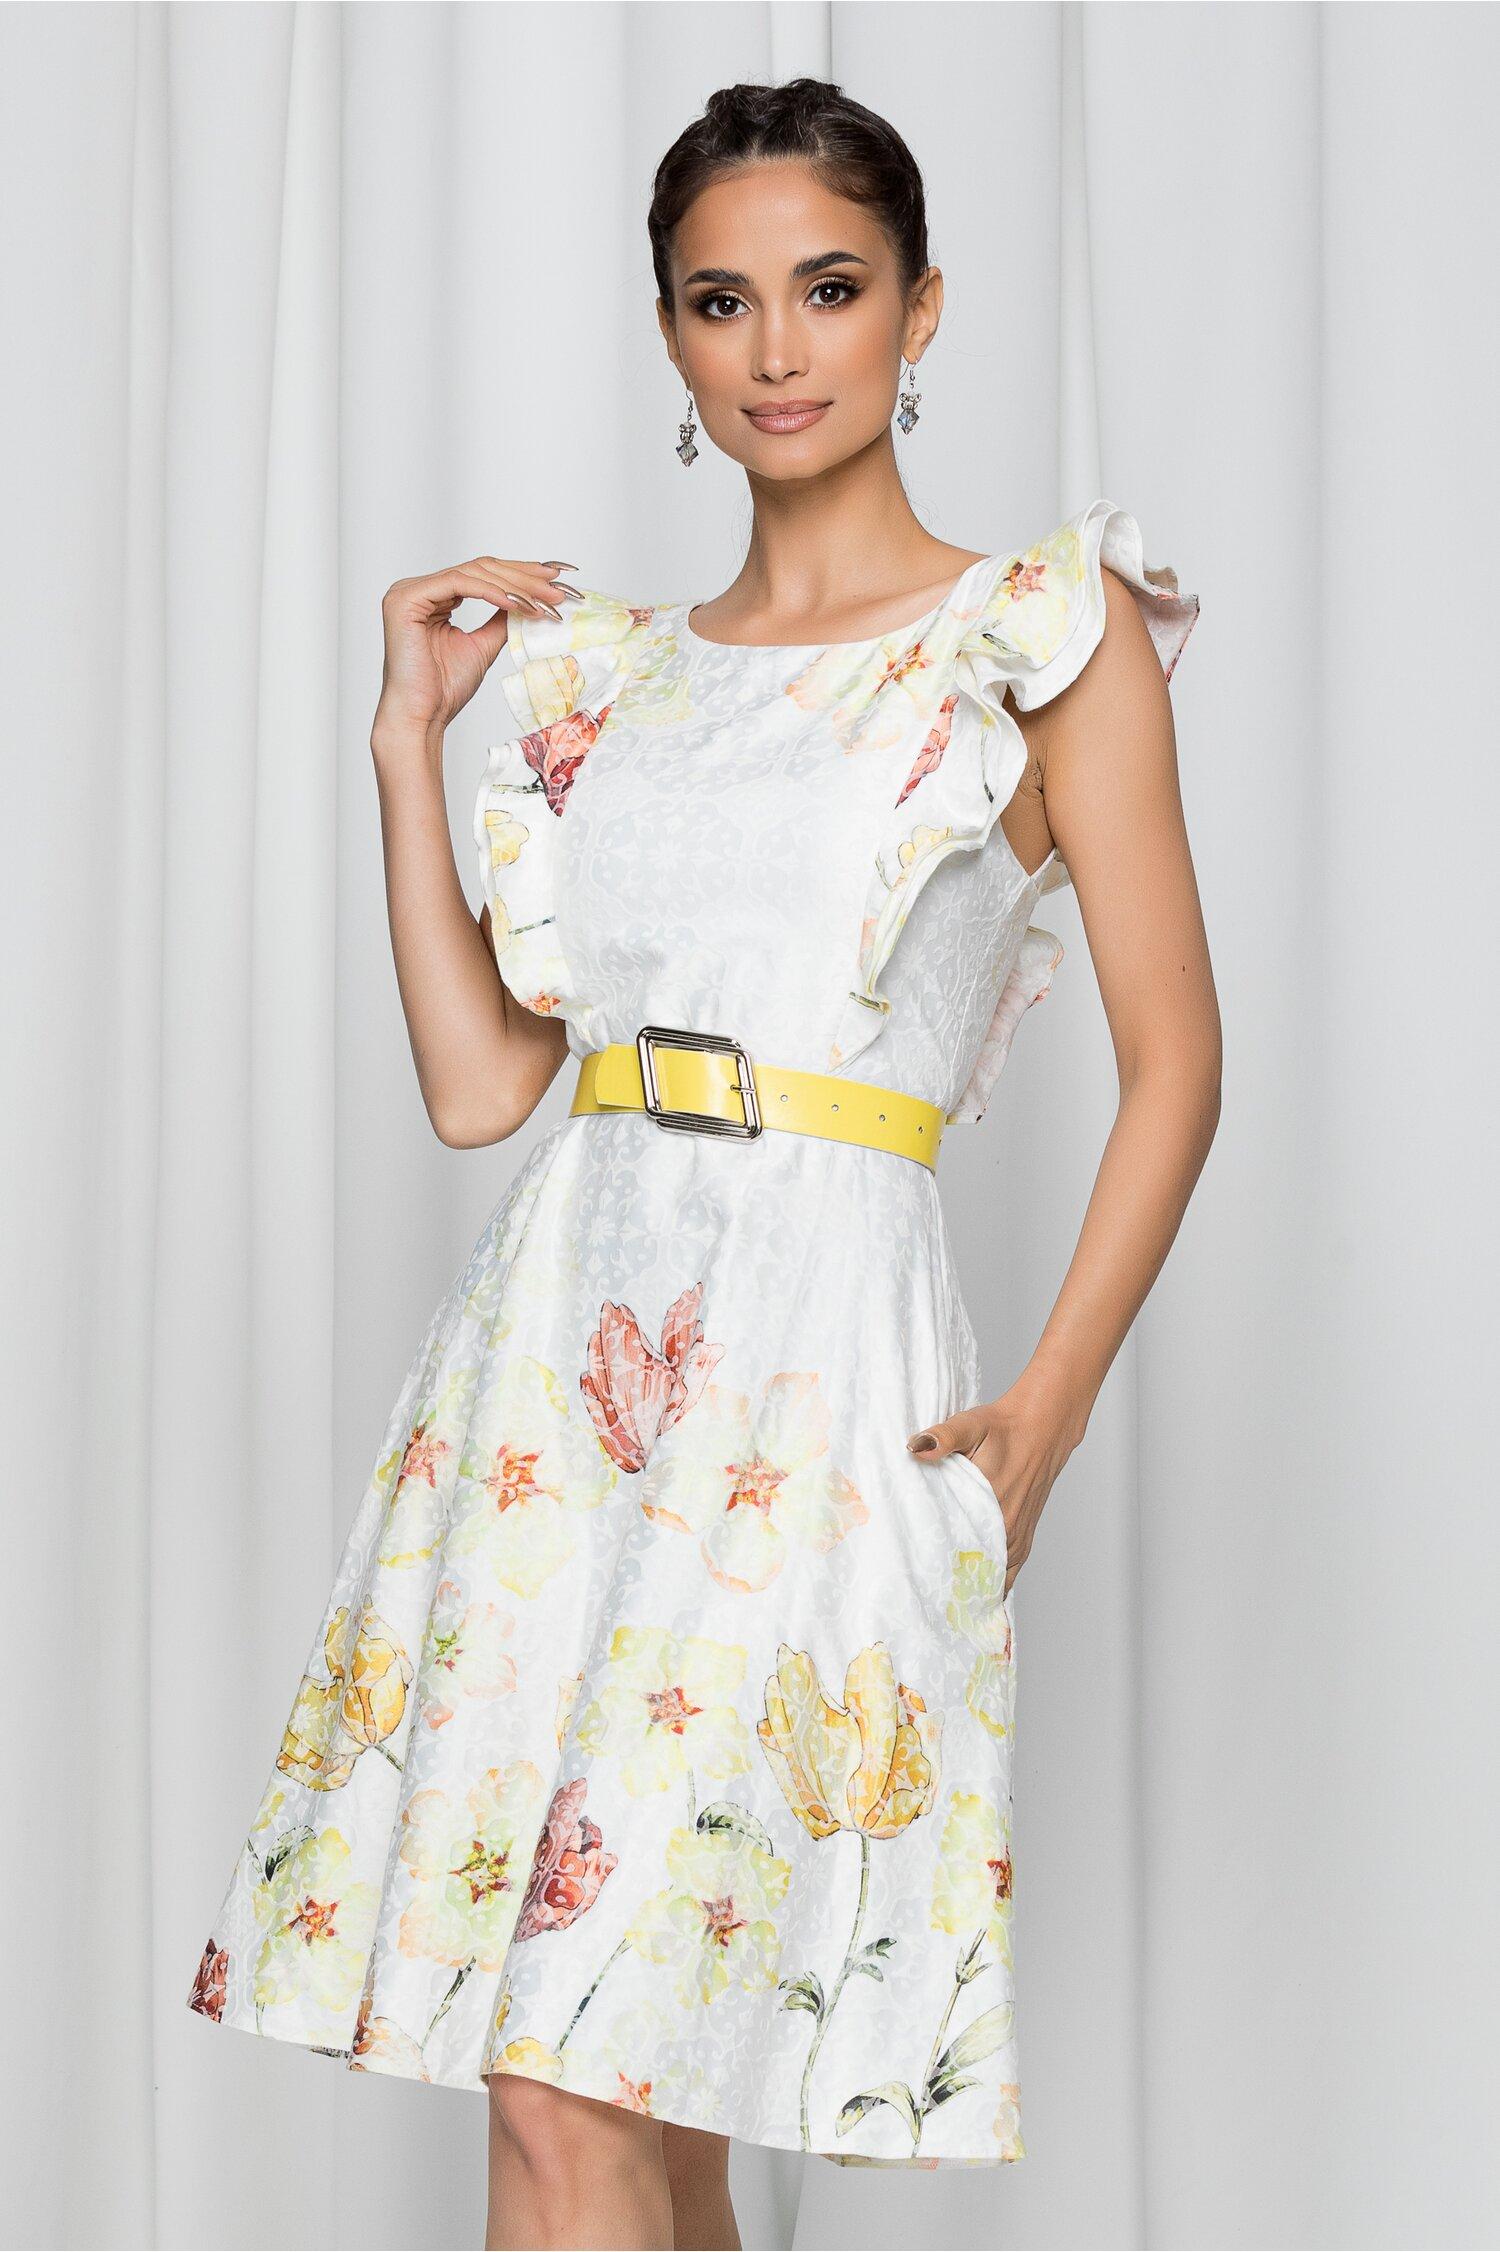 Rochie Patricia alba cu imprimeu floral galben si curea in talie